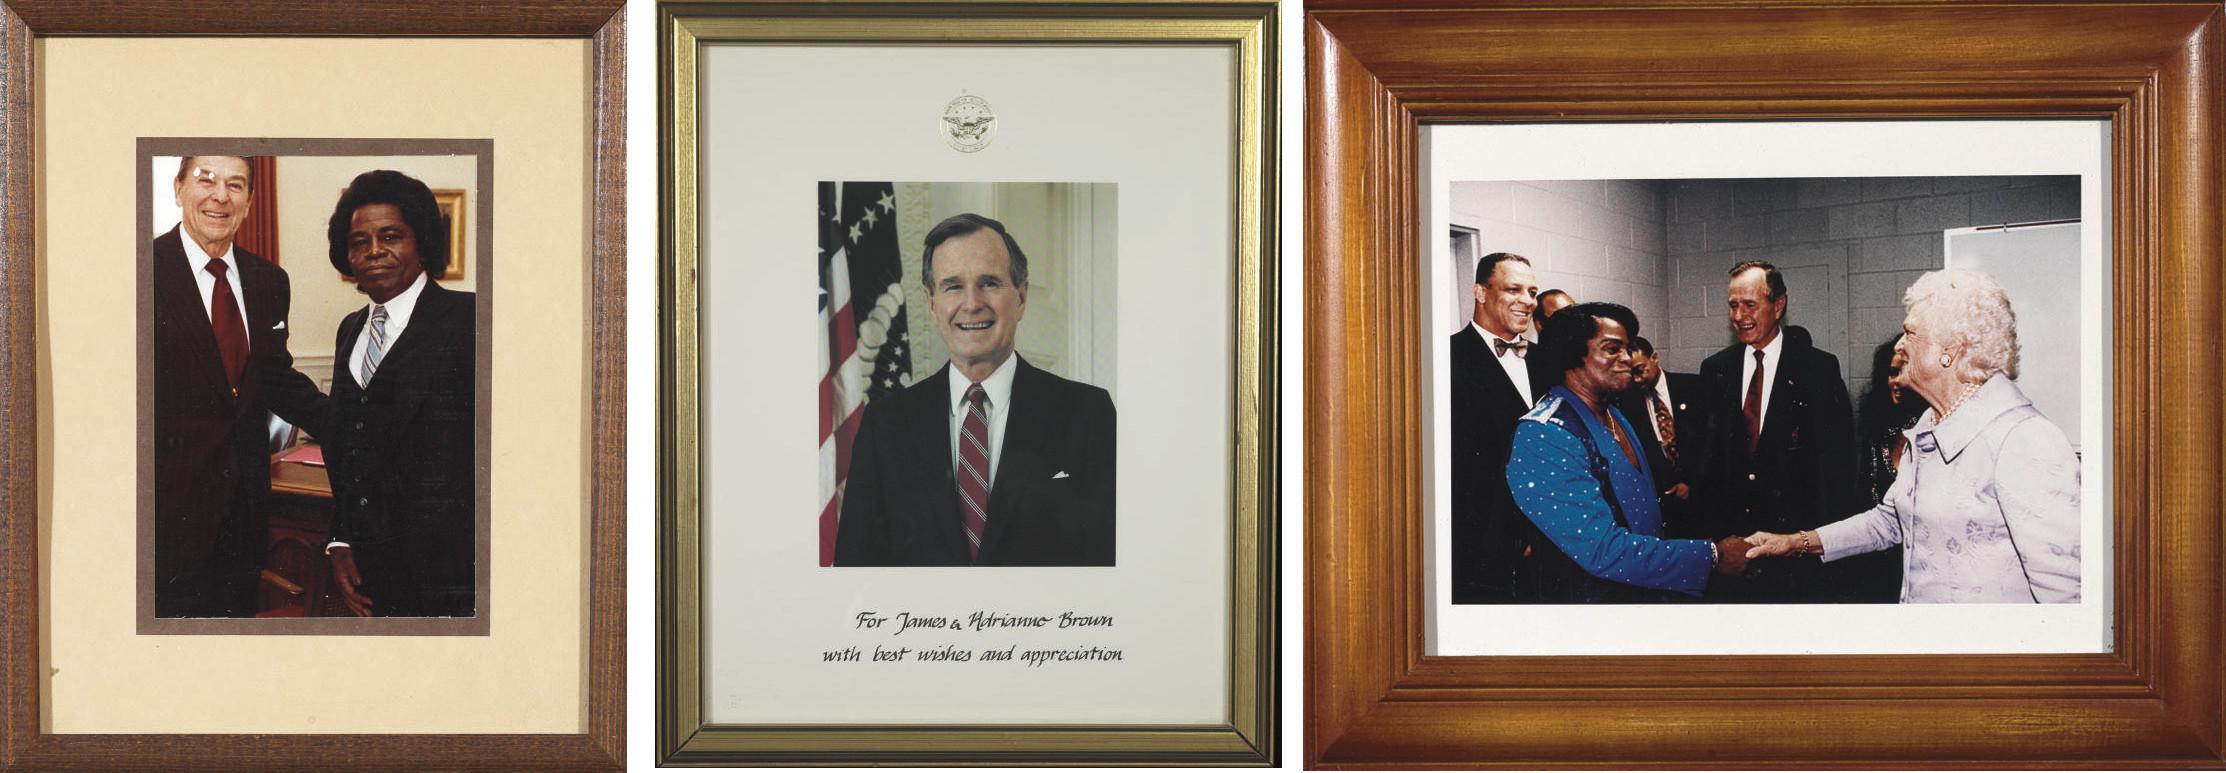 Presidential Photos